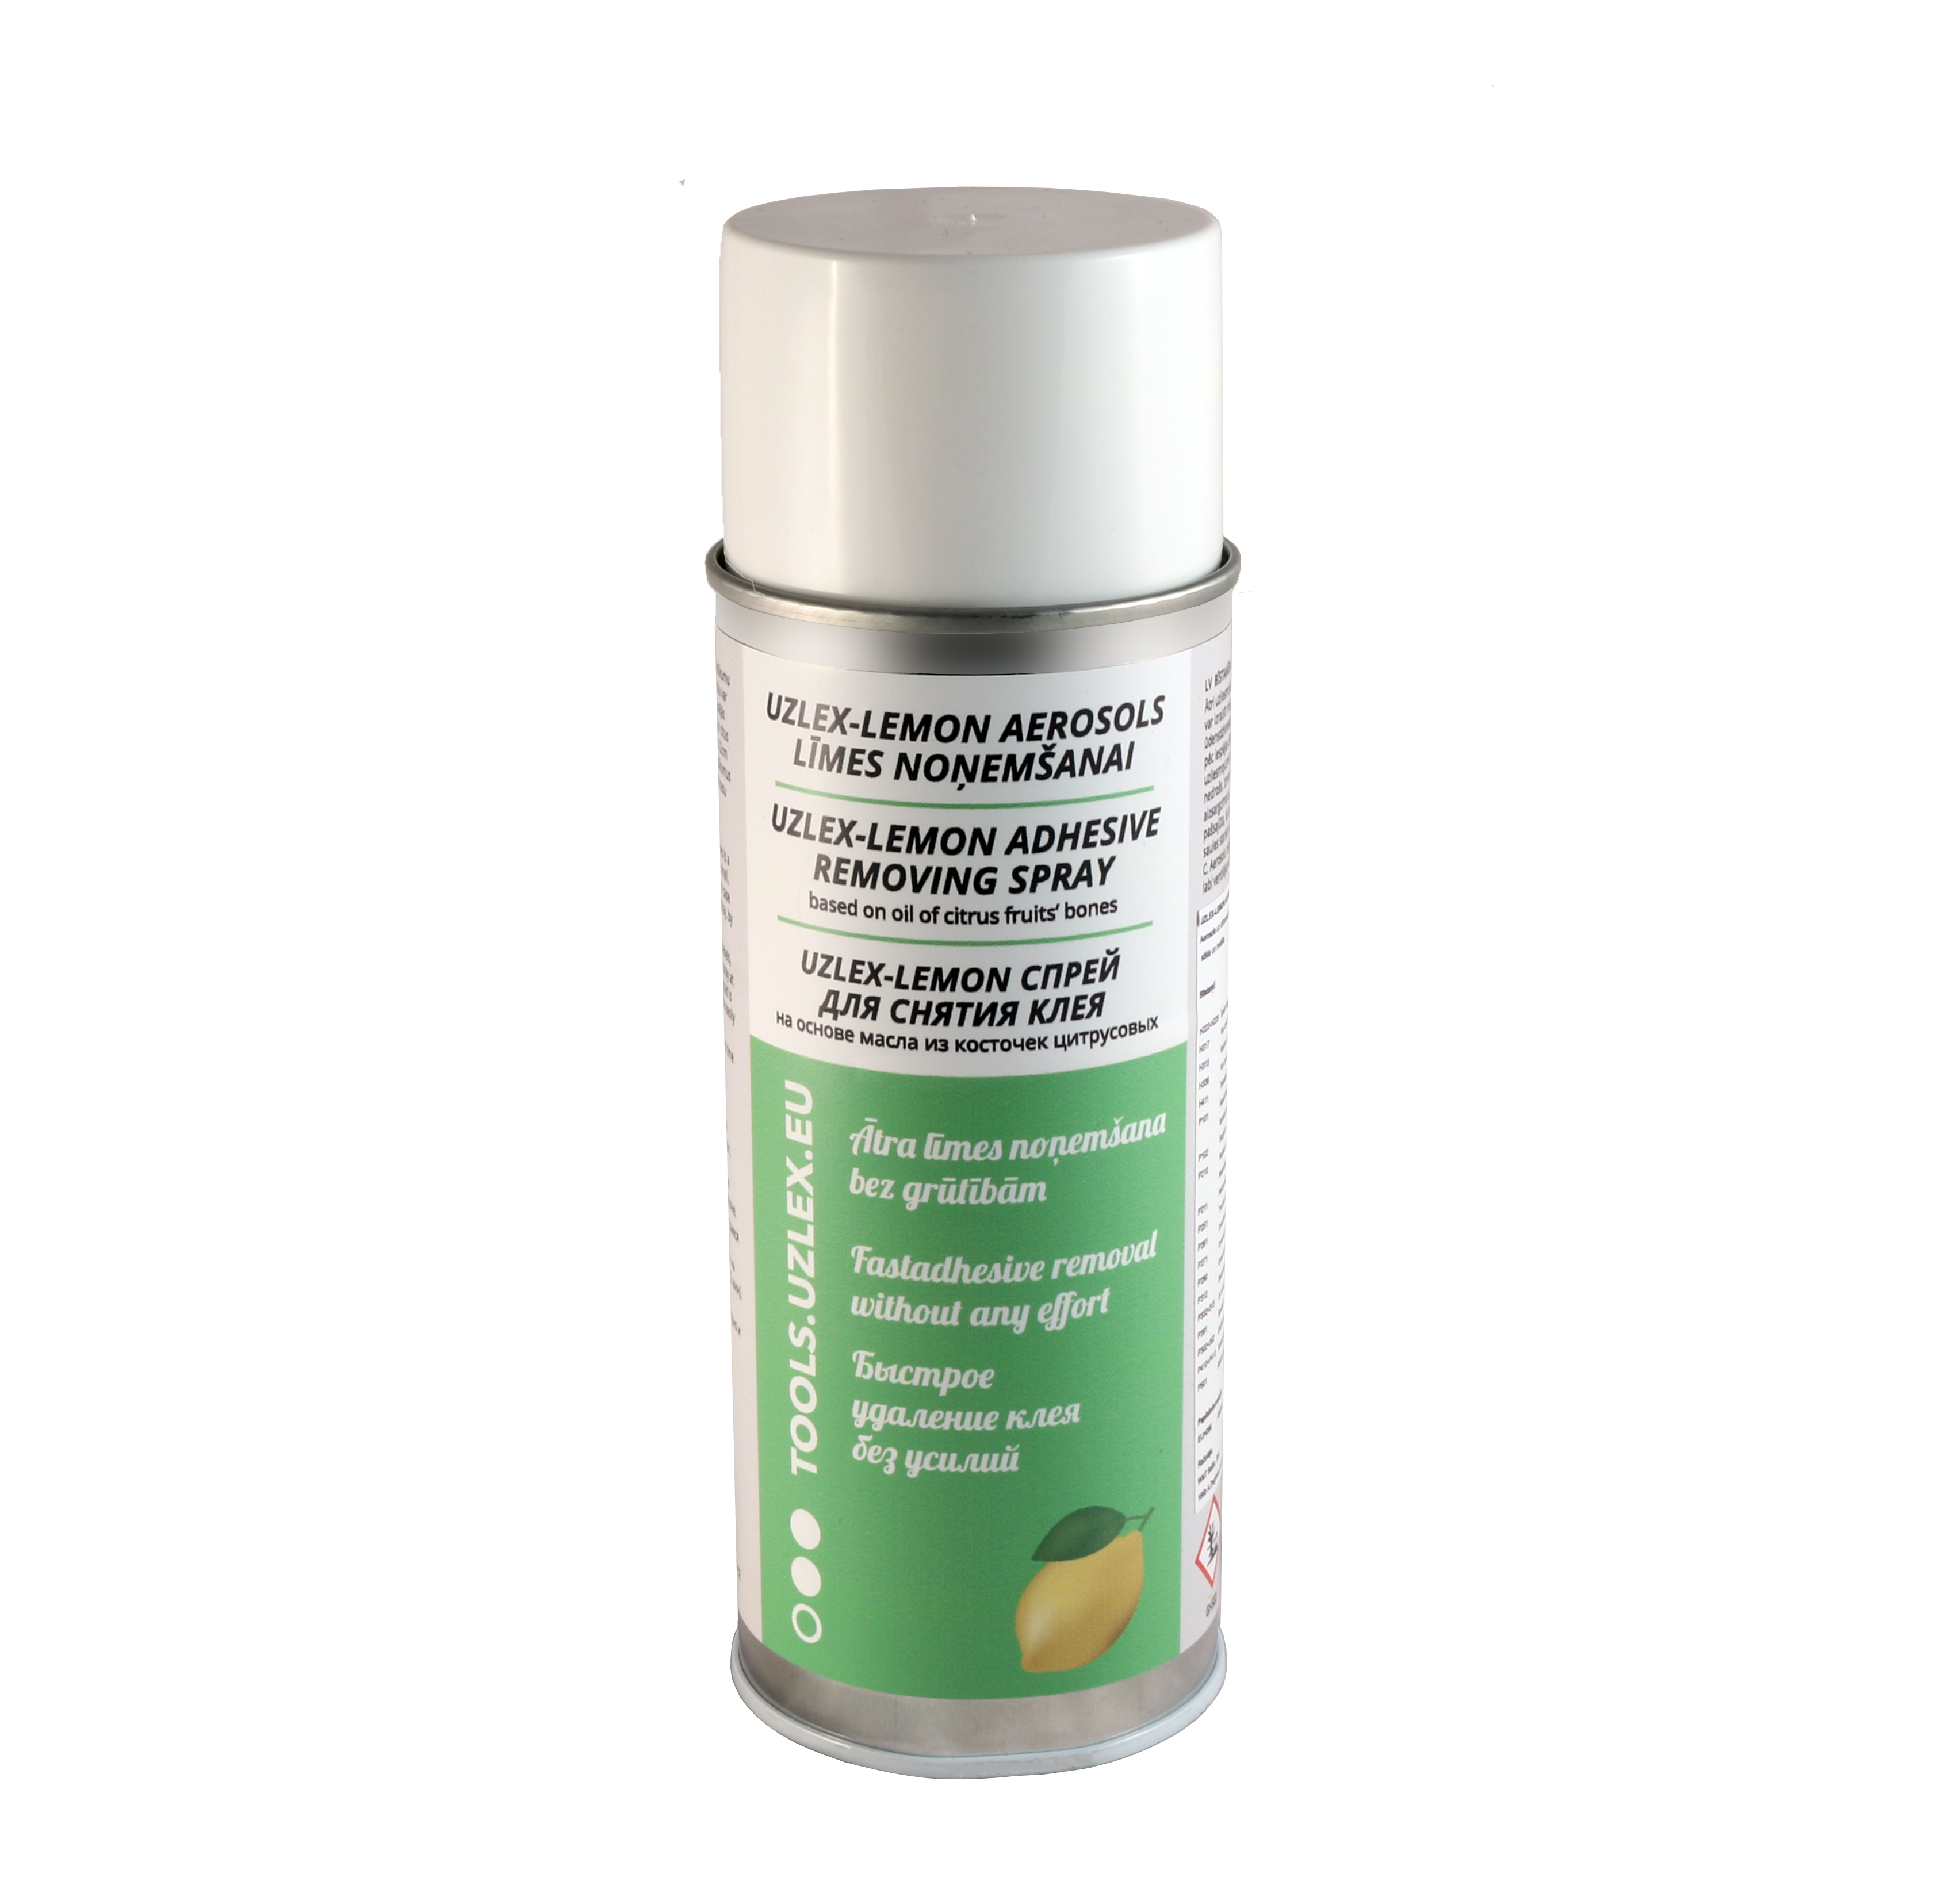 Цитрусовый спрей для снятия акрилового клея (ЛИМОНКА), 400 мл + L-Edge скребок